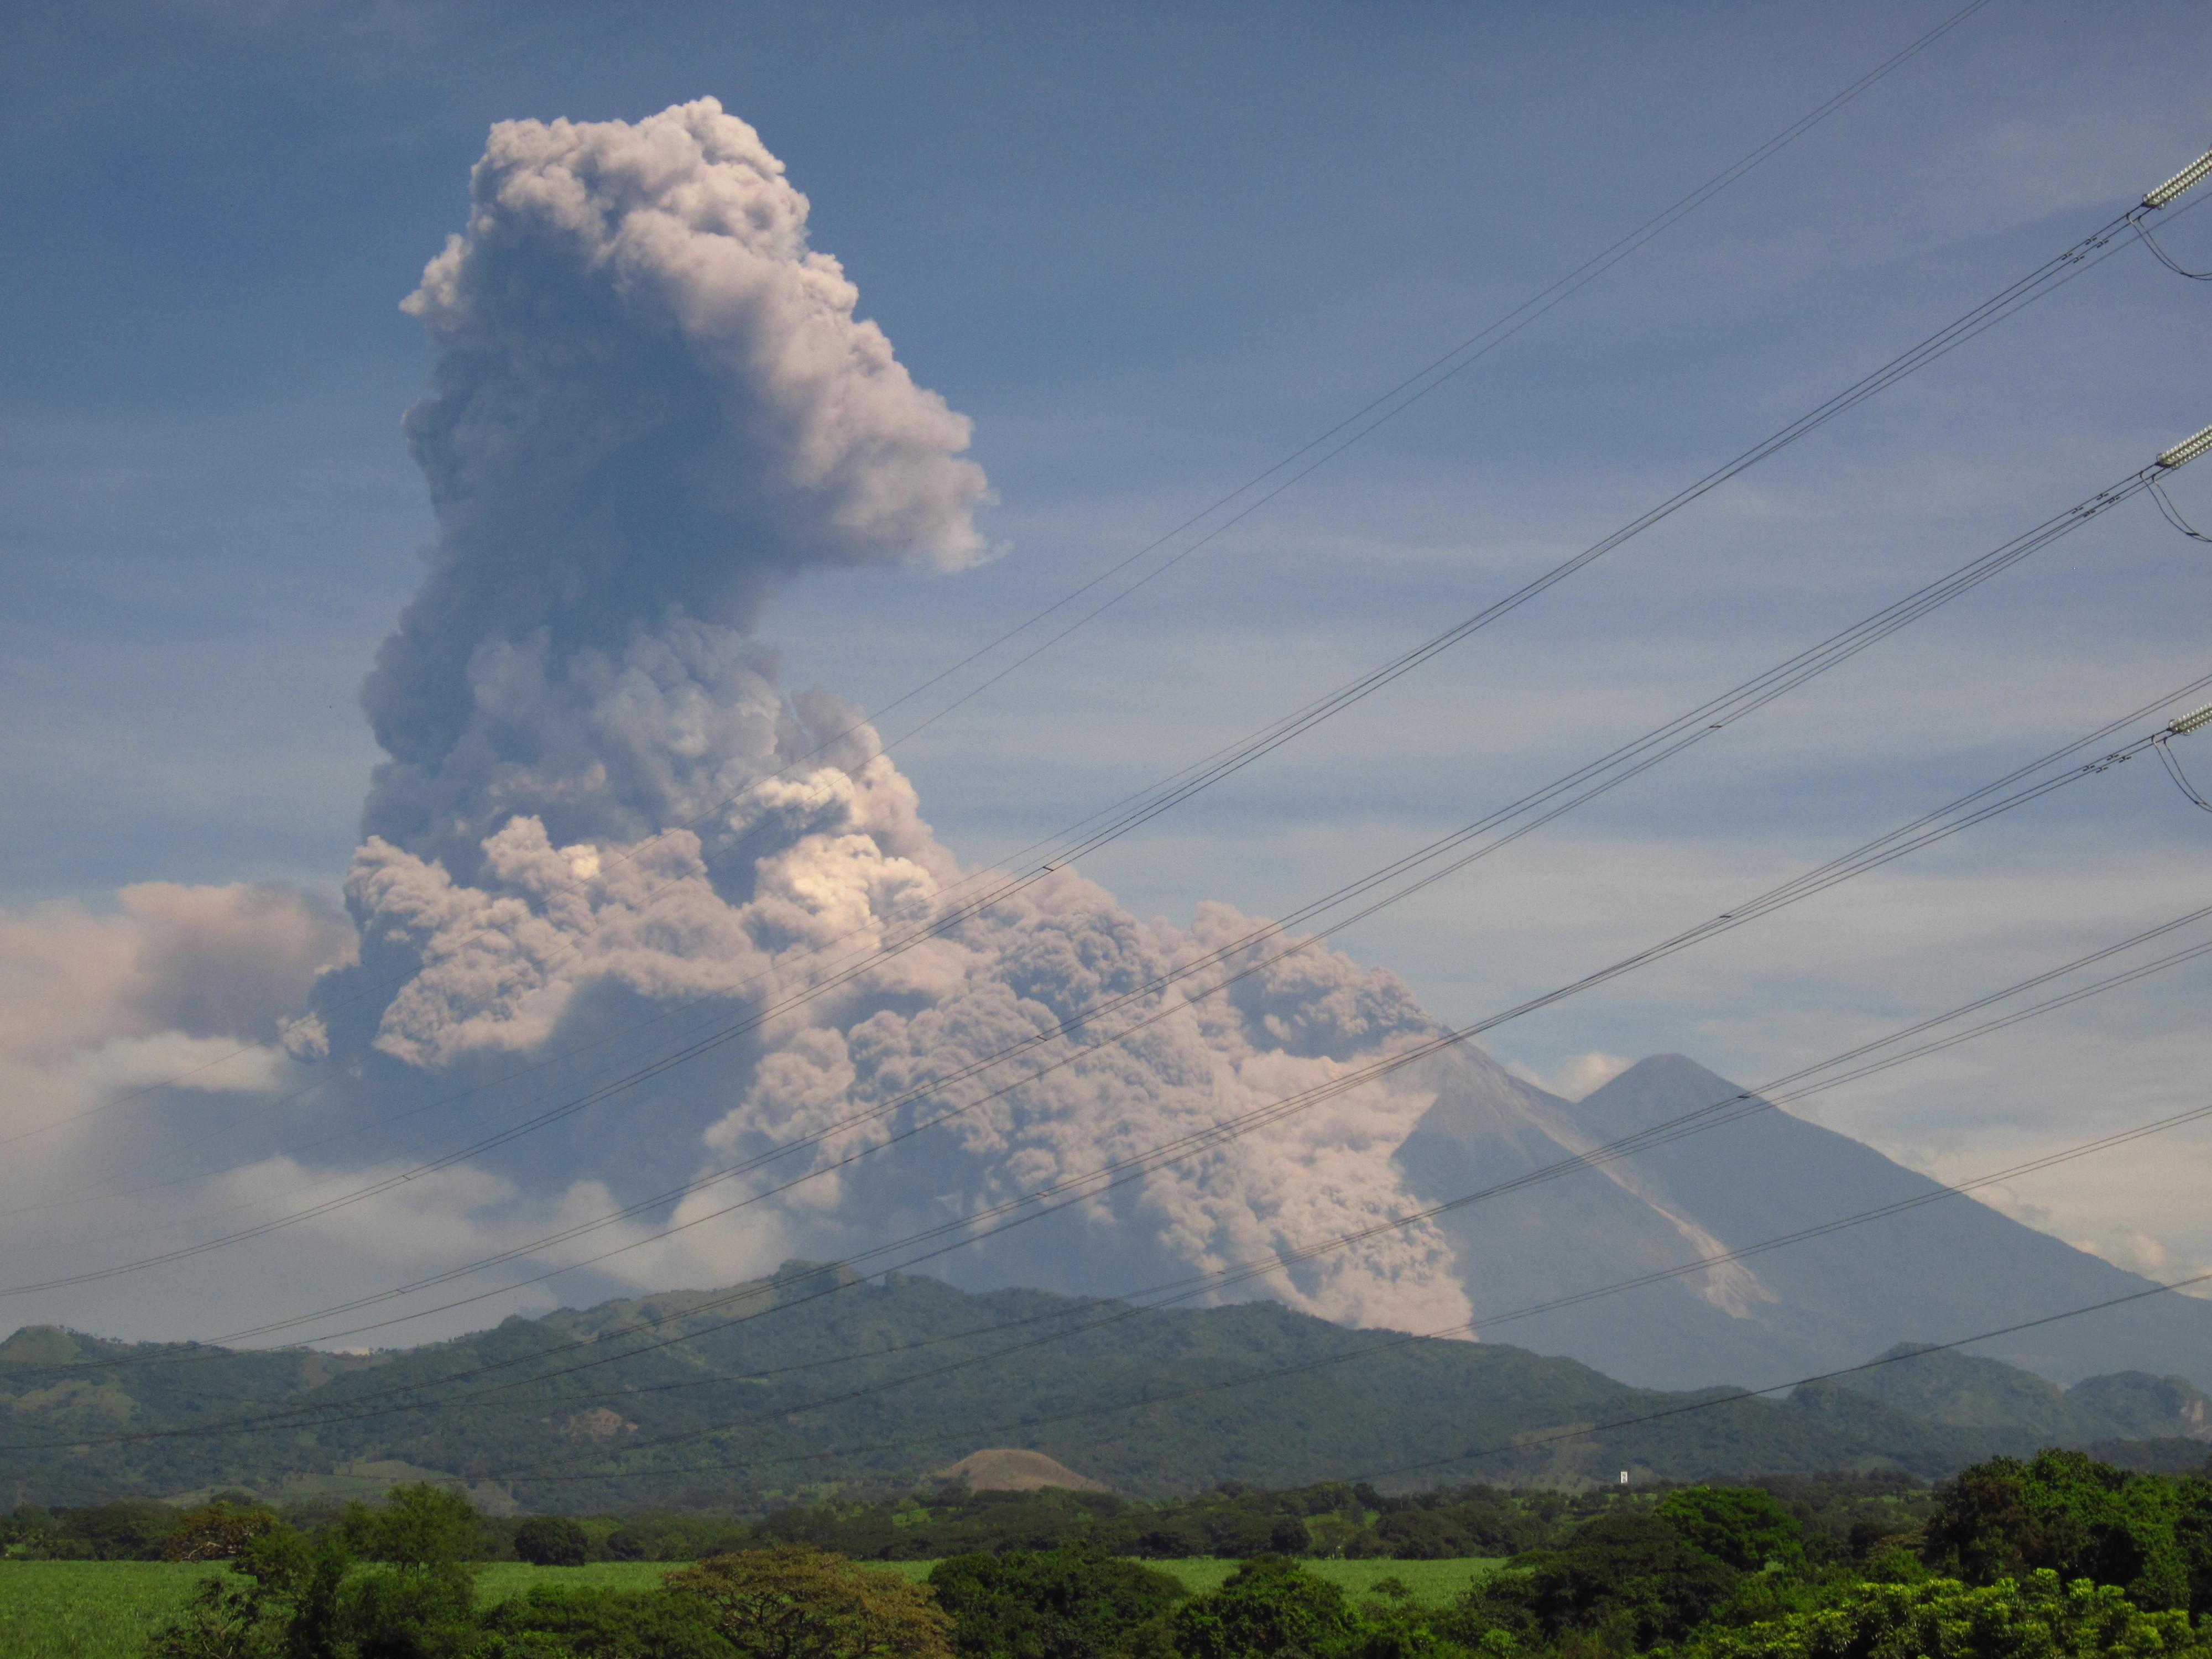 Disminuye actividad de volcán del Fuego; reabren aeropuerto